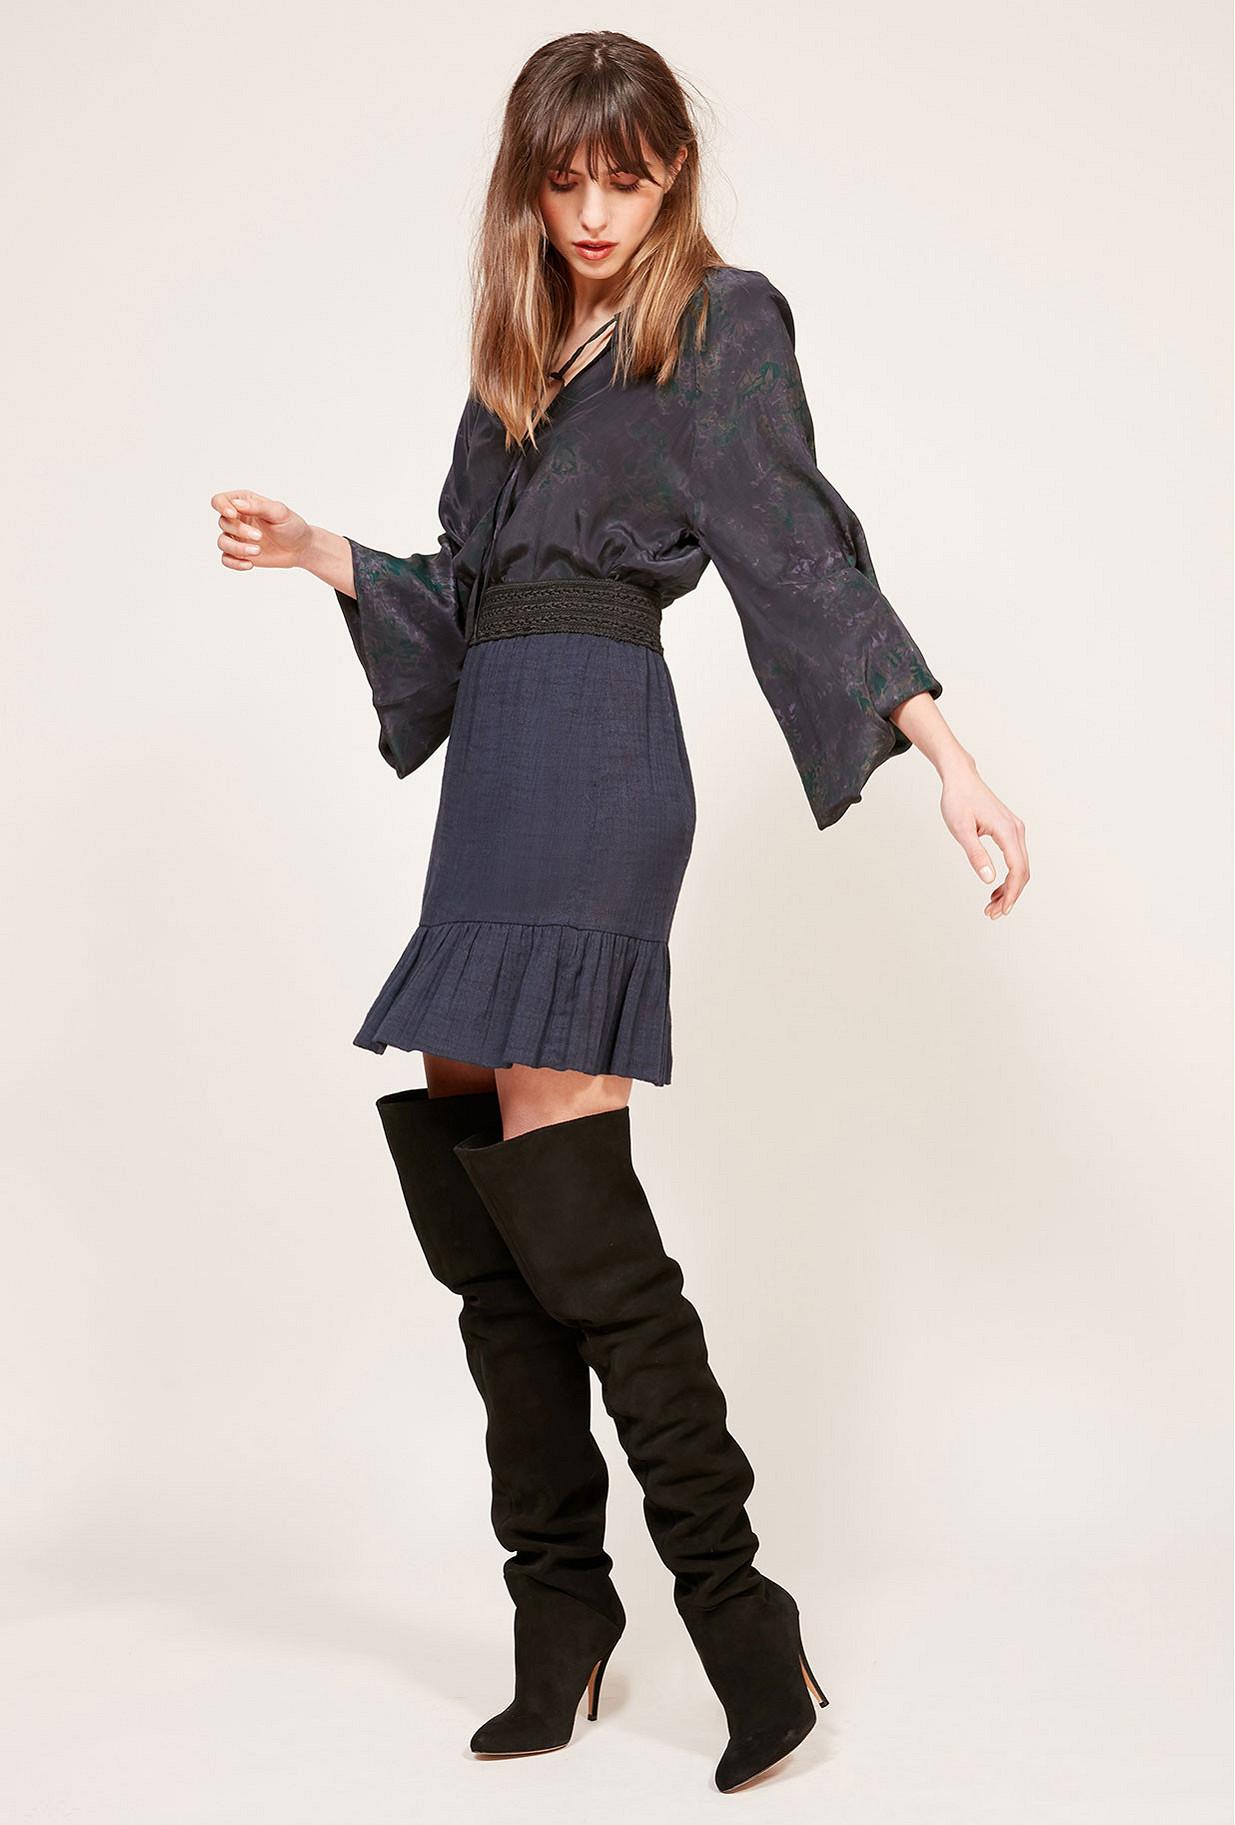 Jupe Bleu  Babko mes demoiselles paris vêtement femme paris